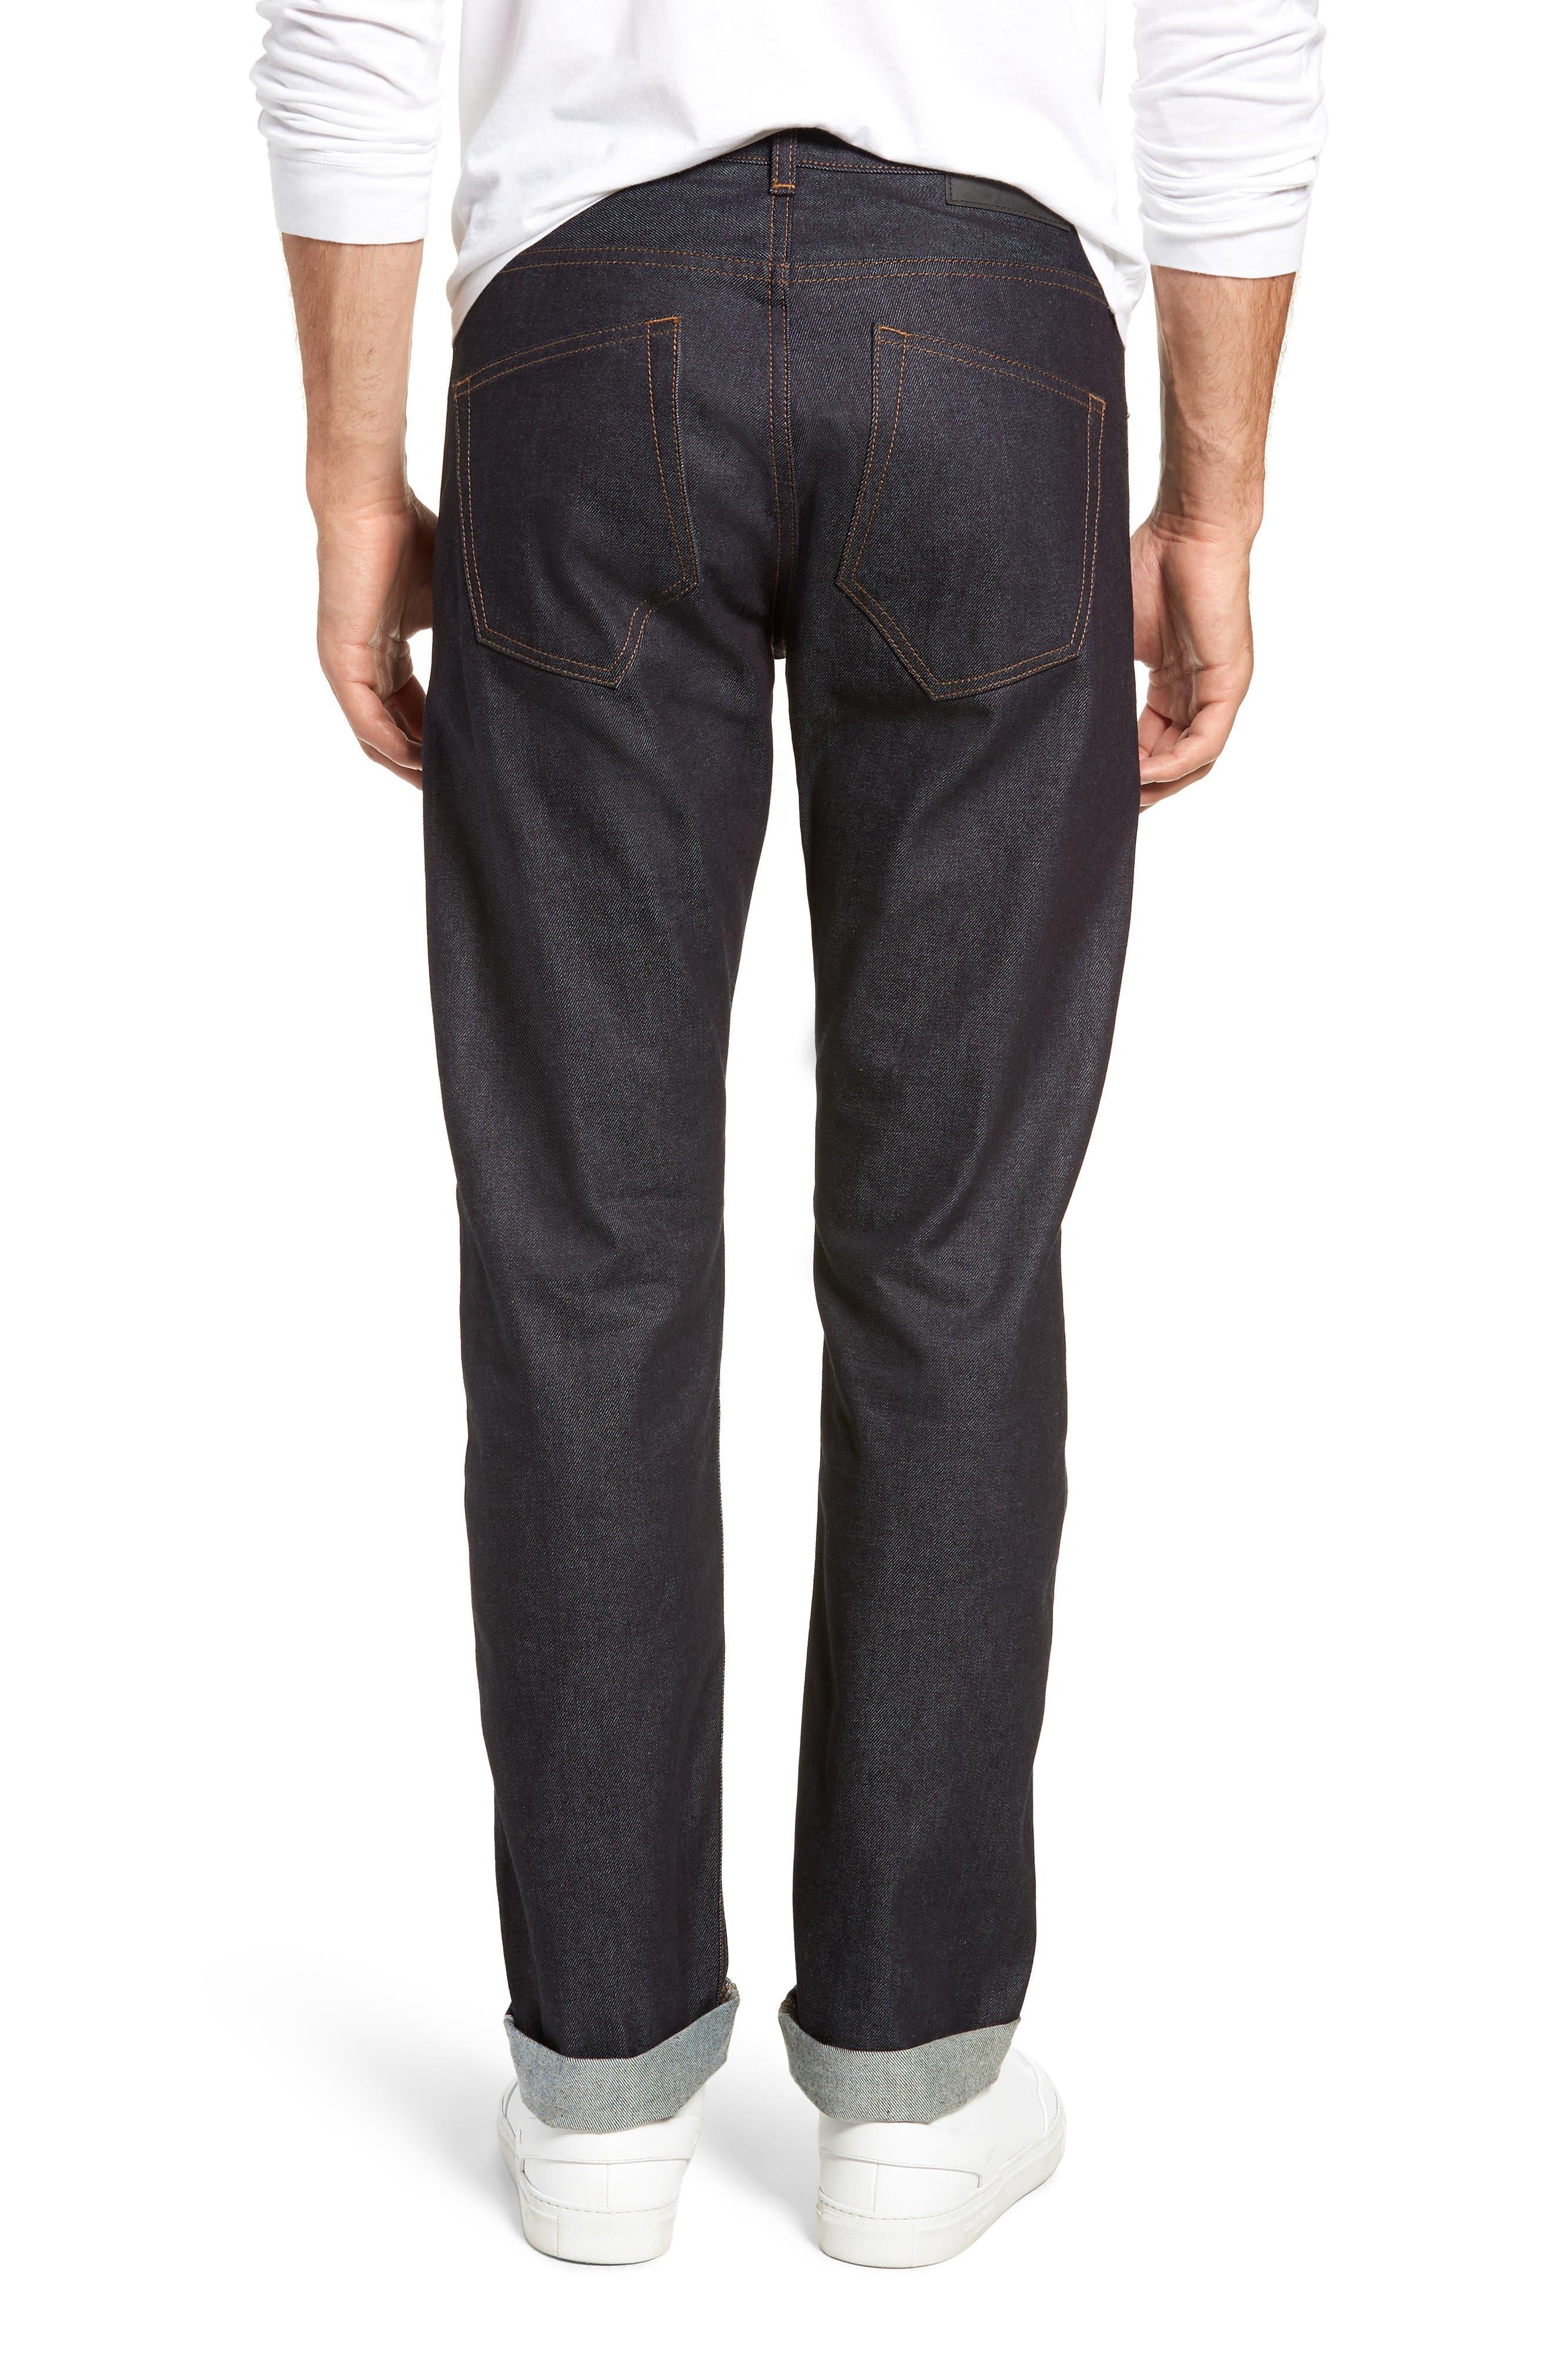 Dr. Denim Jeansmaker Gus Slim Straight Leg Raw Selvedge Jeans,                             Alternate thumbnail 2, color,                             RAW SELVAGE